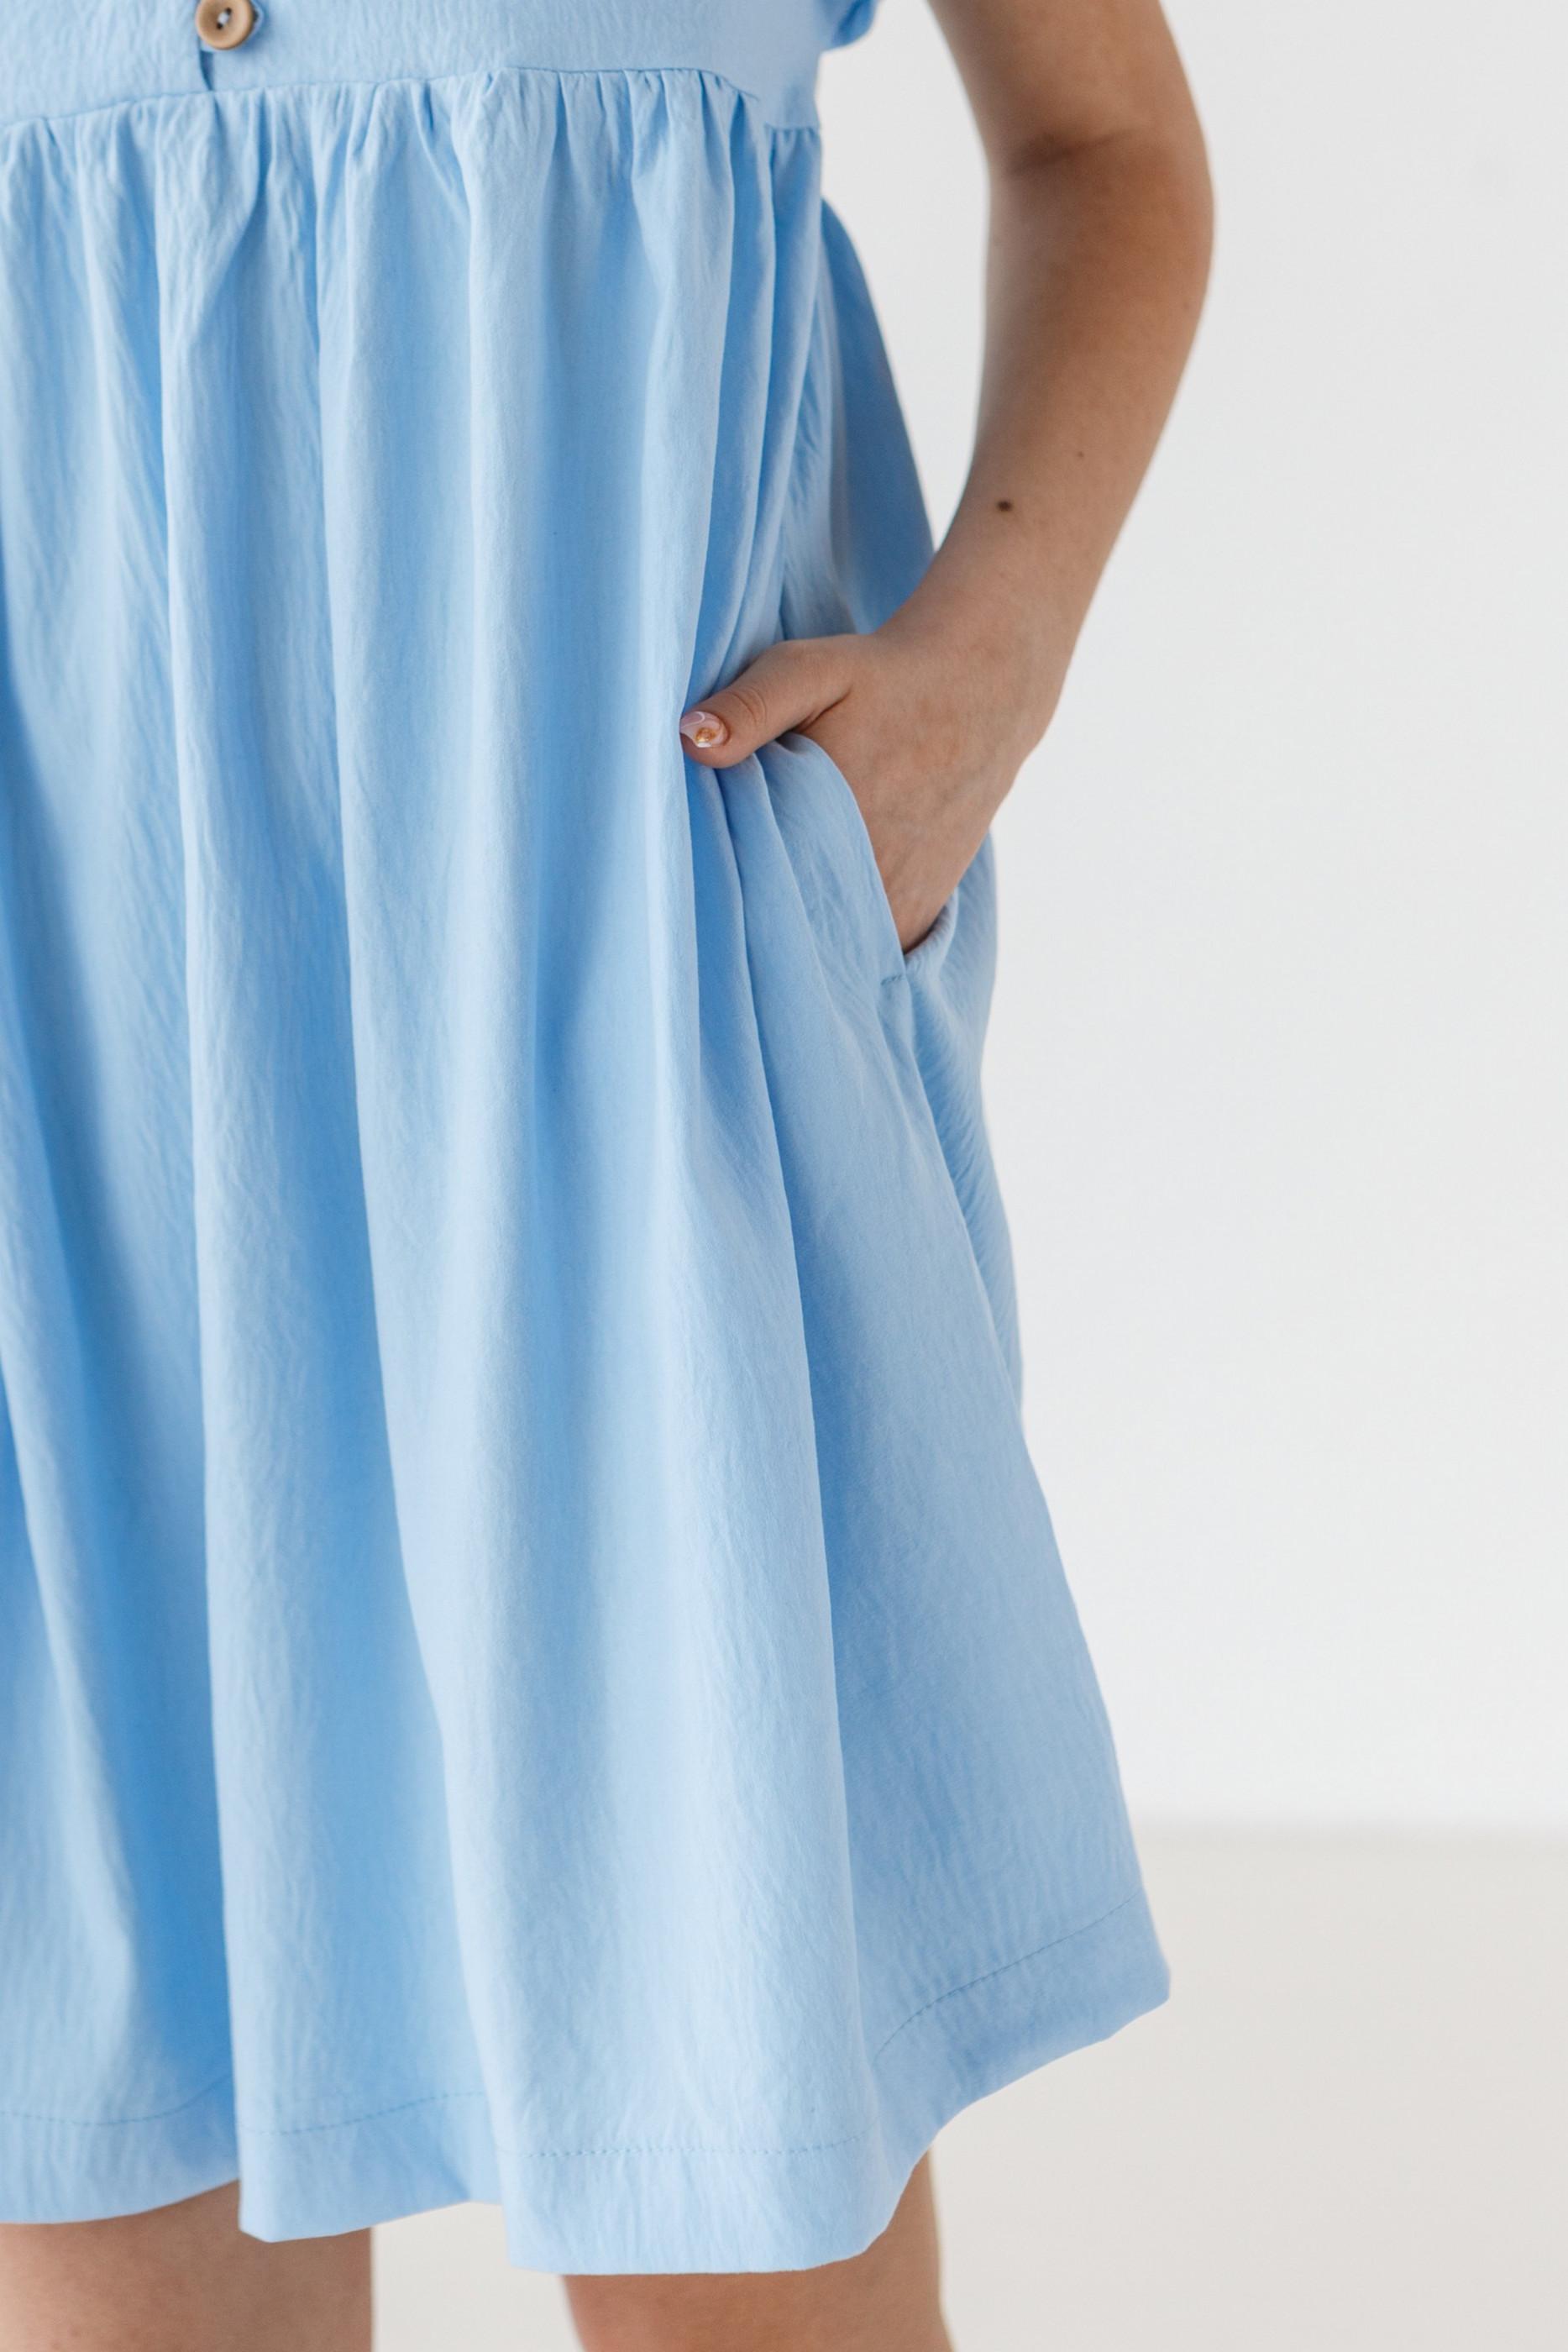 Плаття Лана, фото №4